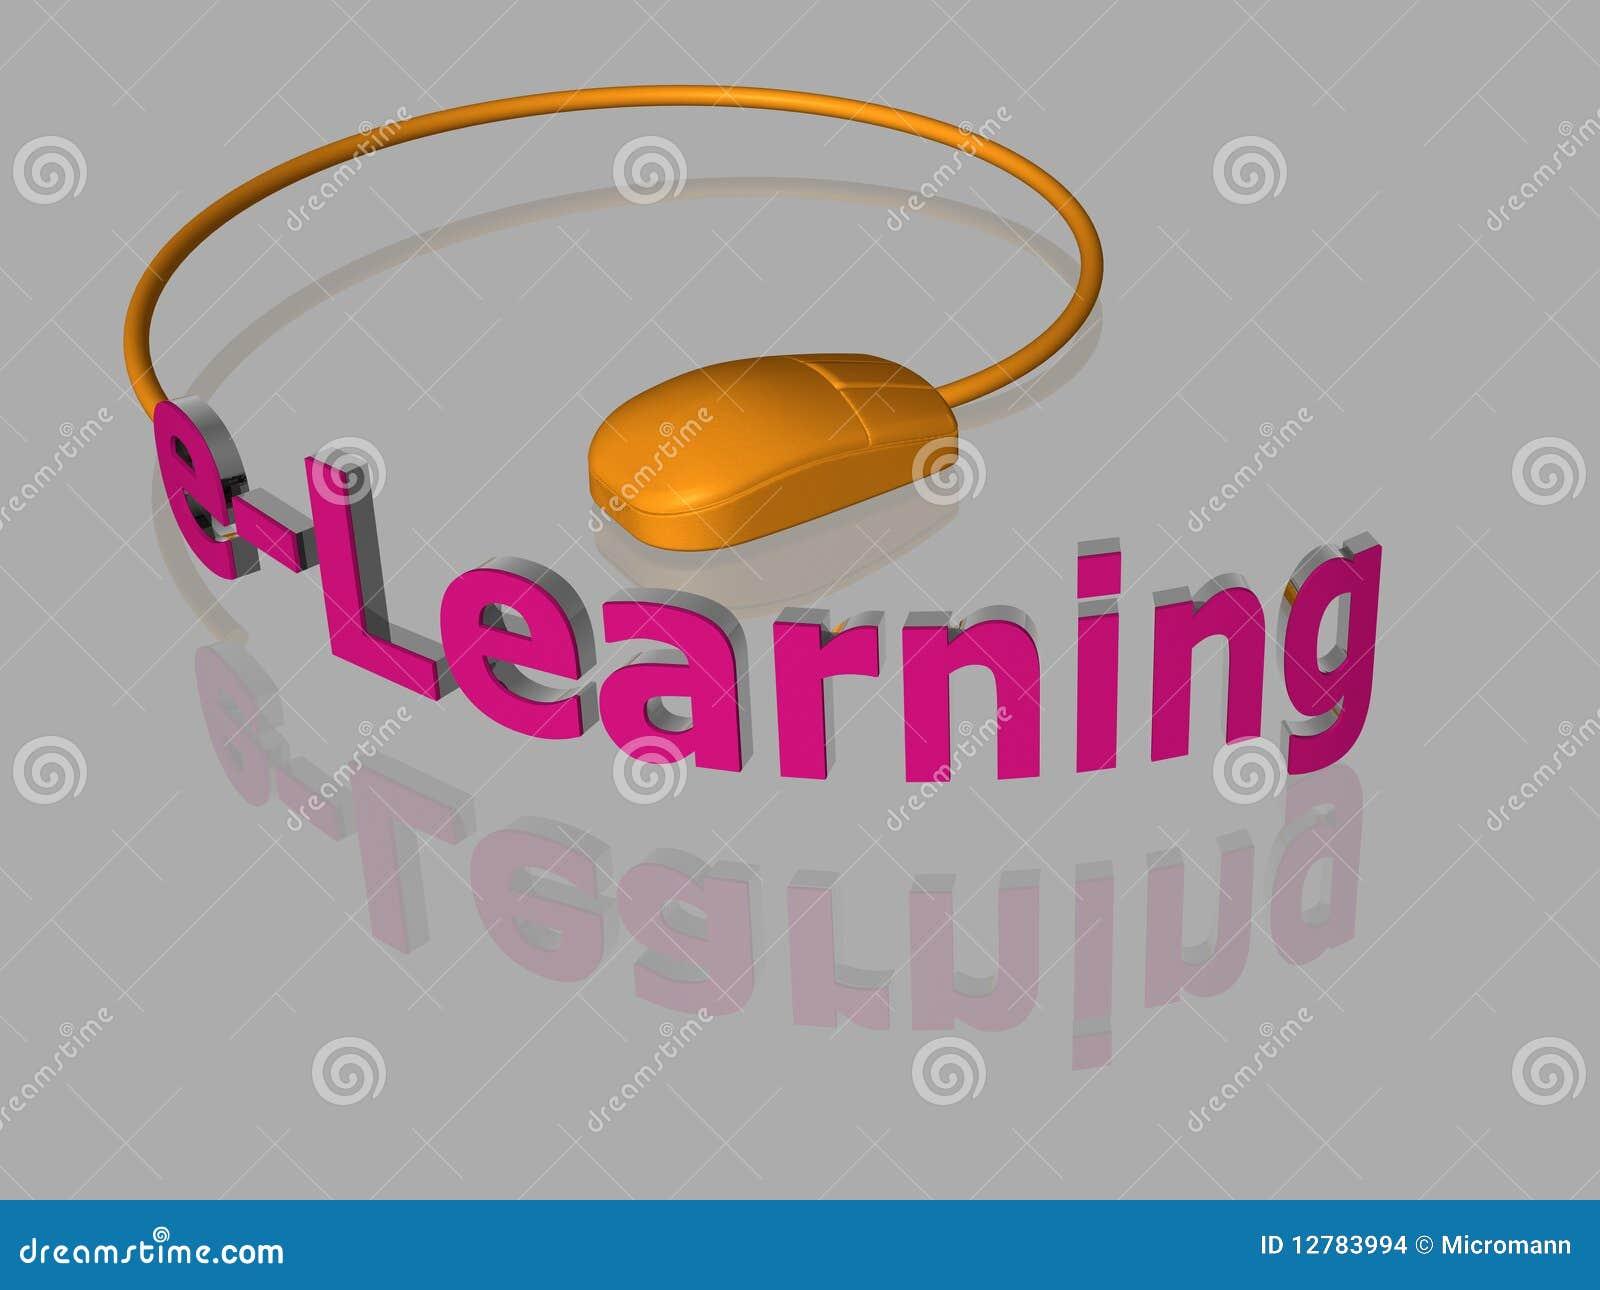 Ensino electrónico - 3D